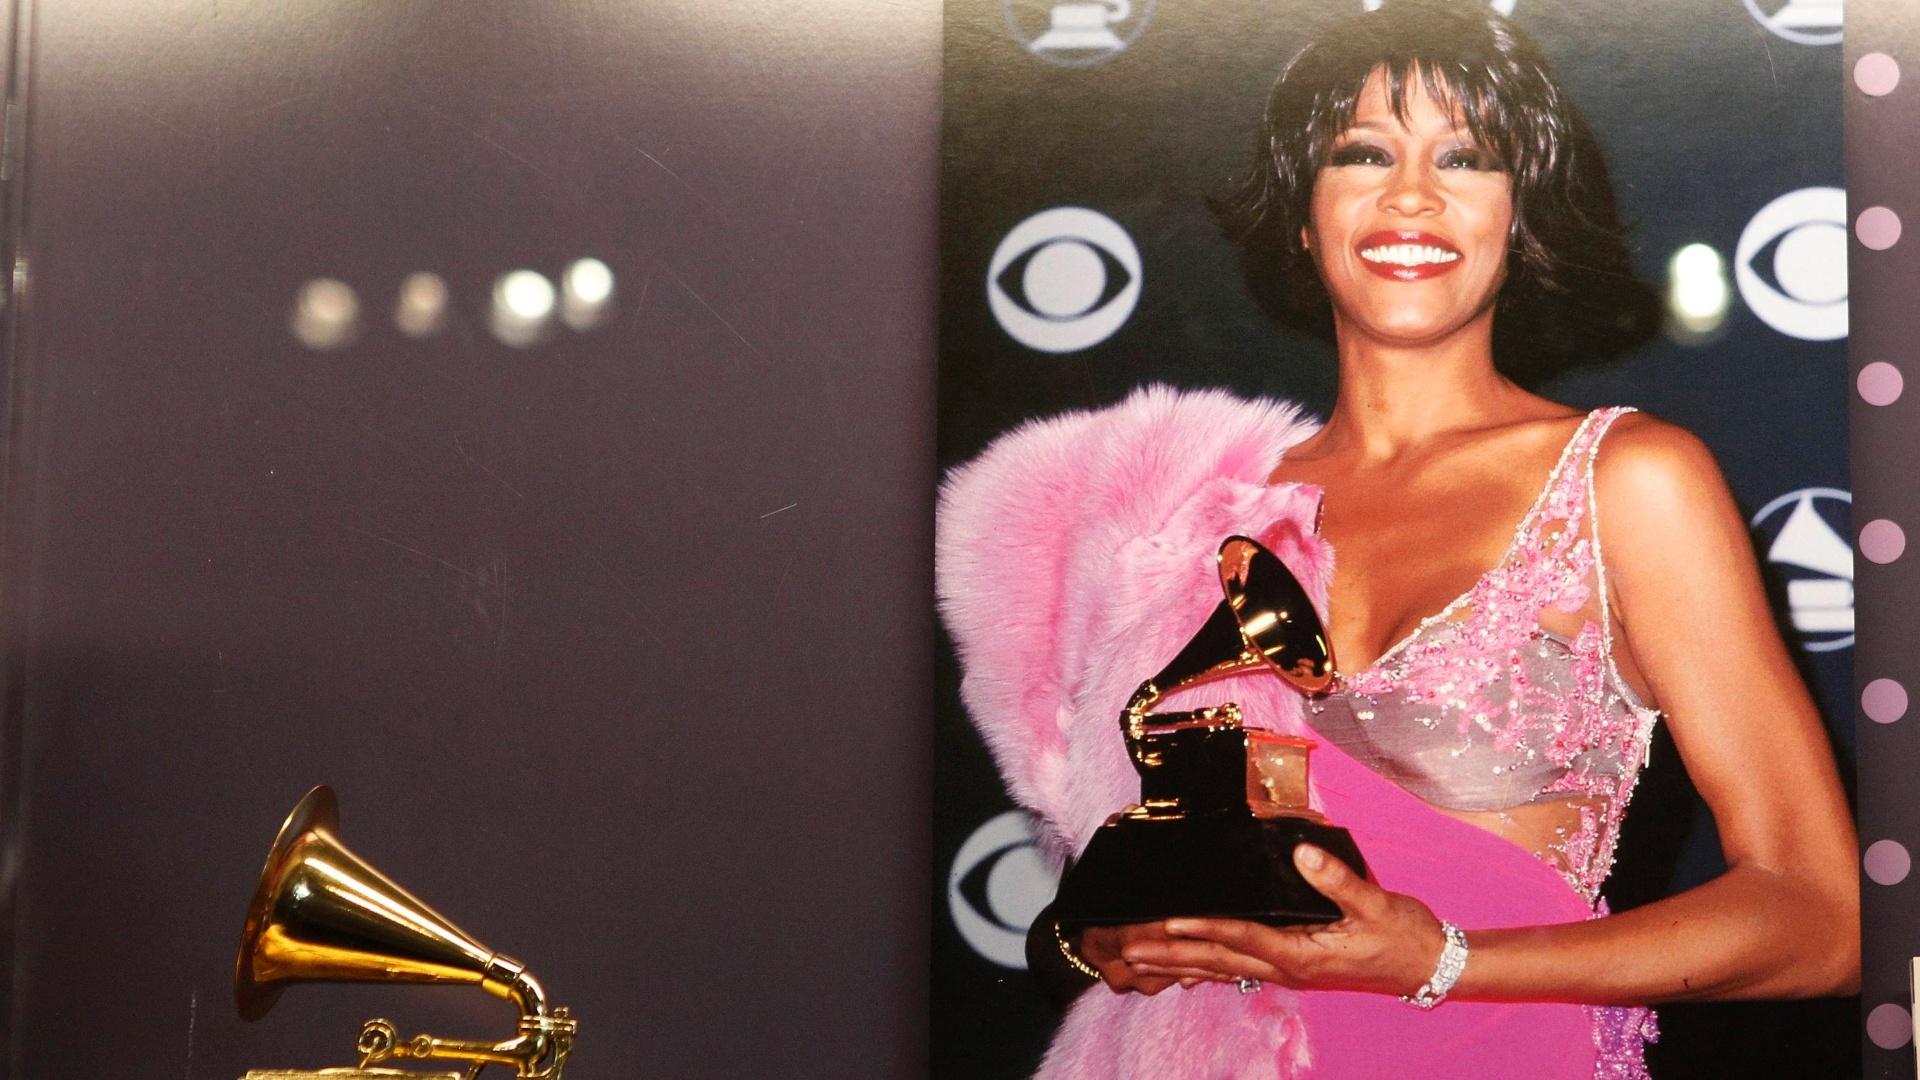 A cantora Whitney Houston está sendo homenageada pelo Museu do Grammy, em Los Angeles (15/8/12). Uma exposição foi montada com figurinos, prêmios, fotos e objetos pessoais da cantora, que foi encontrada morta em um hotel no dia 11 de fevereiro